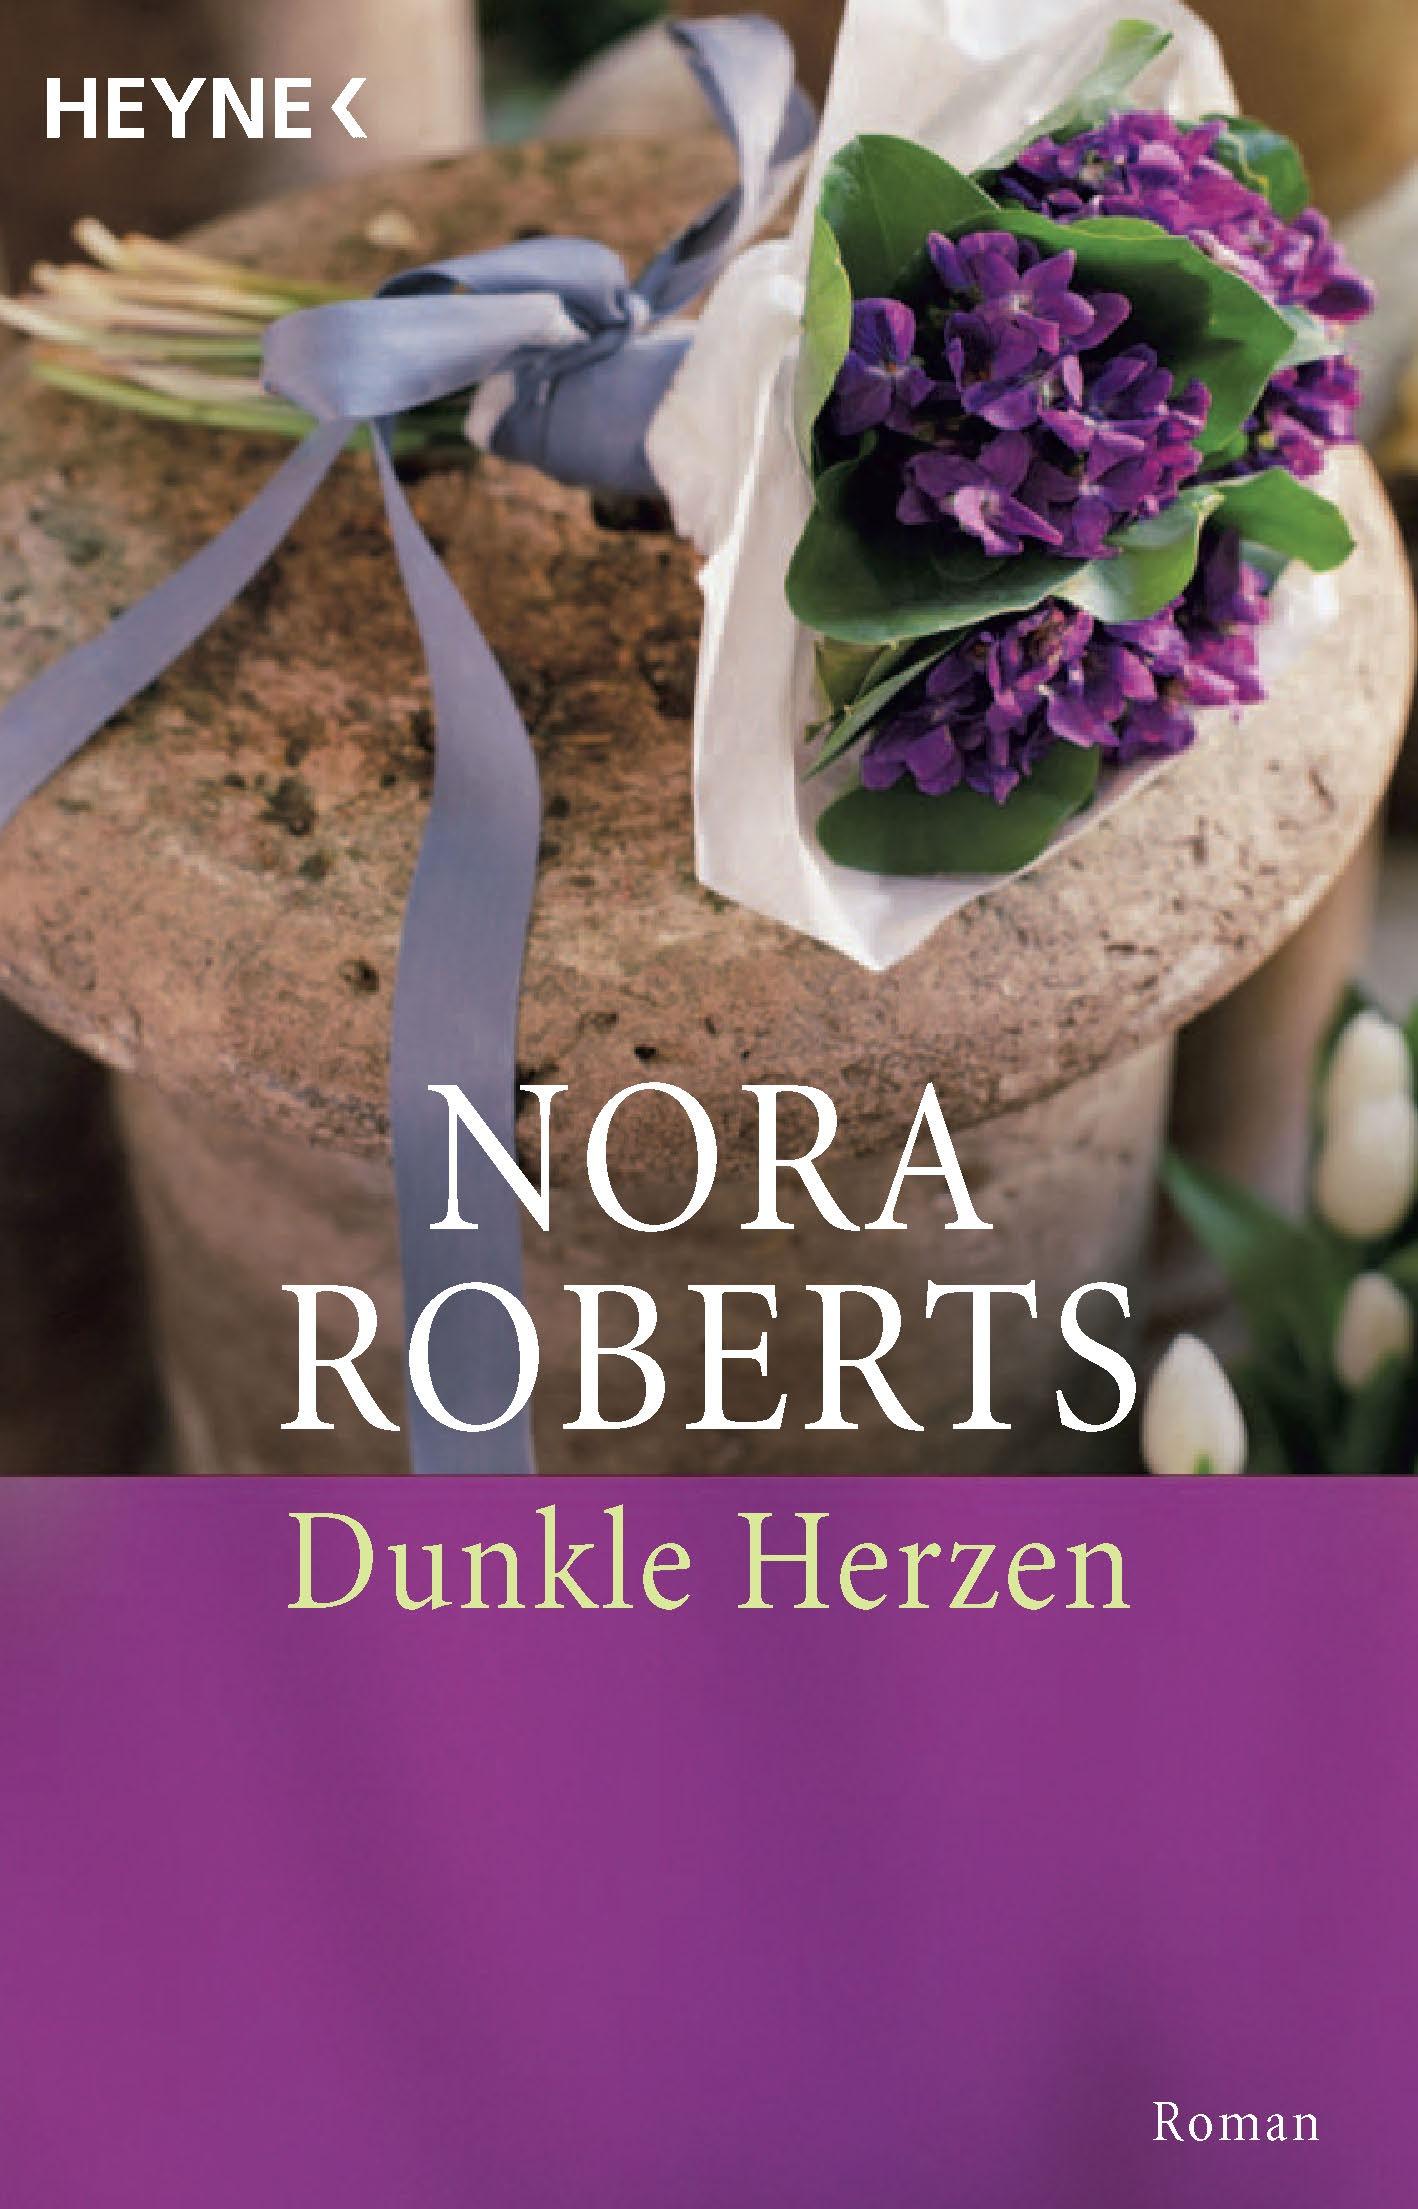 Dunkle-Herzen-Nora-Roberts